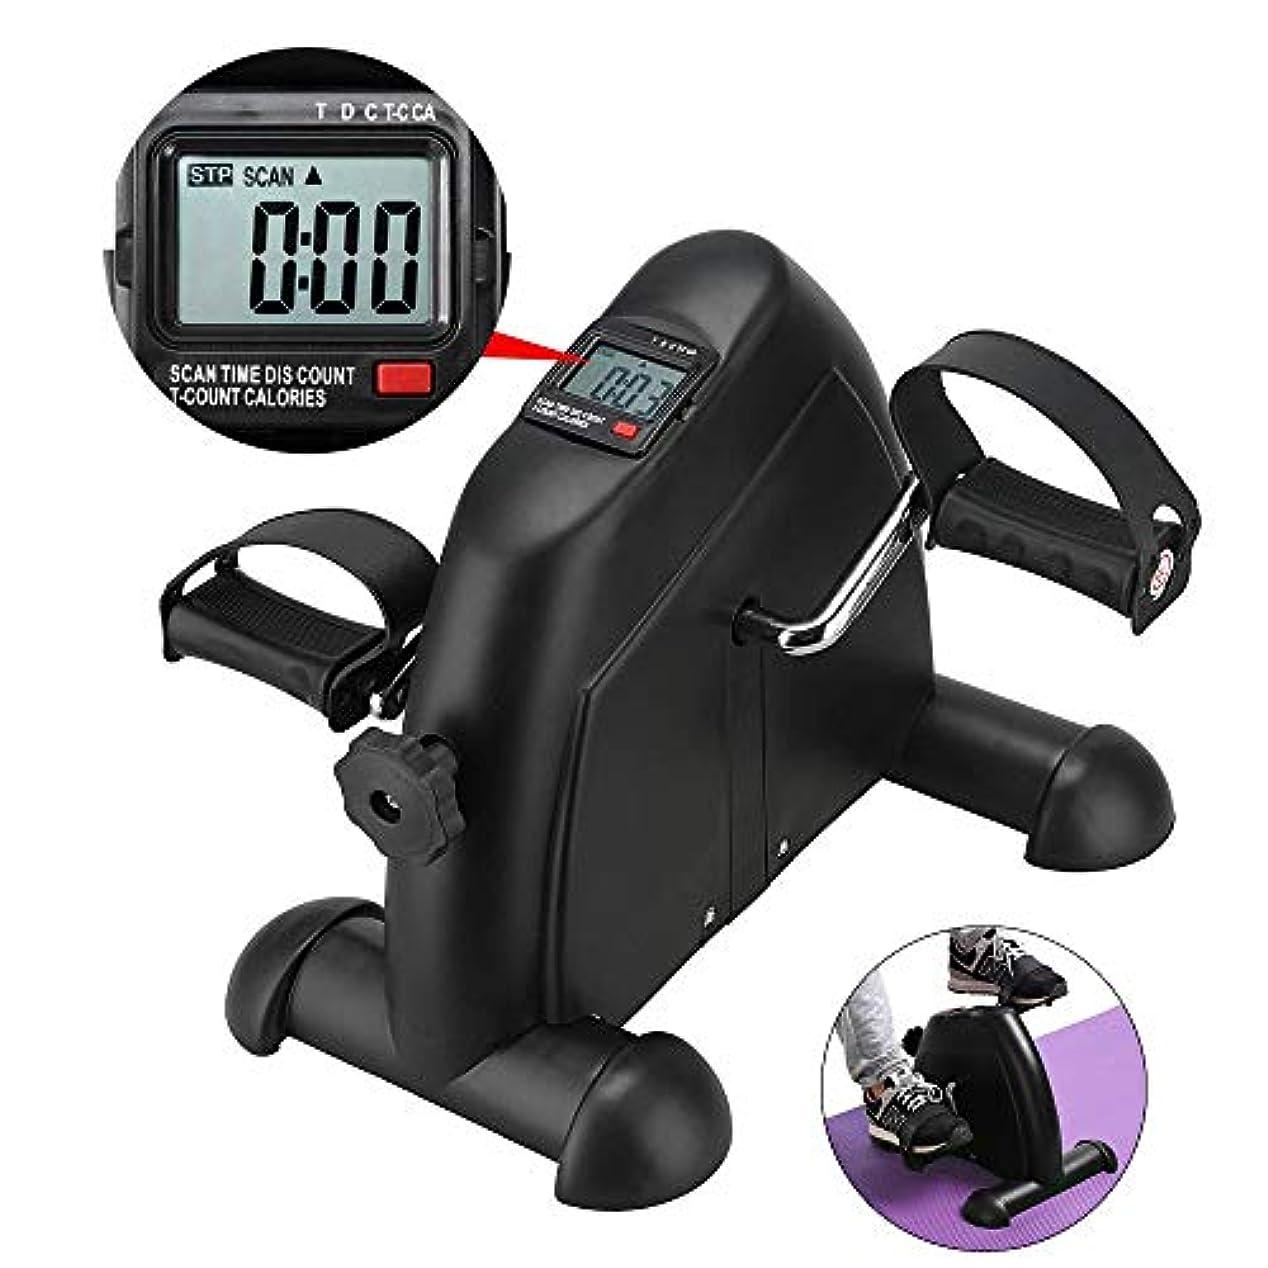 オッズアーティキュレーションペルメル腕と脚ペダルExerciser with LCD表示Mini Exercise BikeインドアFitness Cycling抵抗調節可能